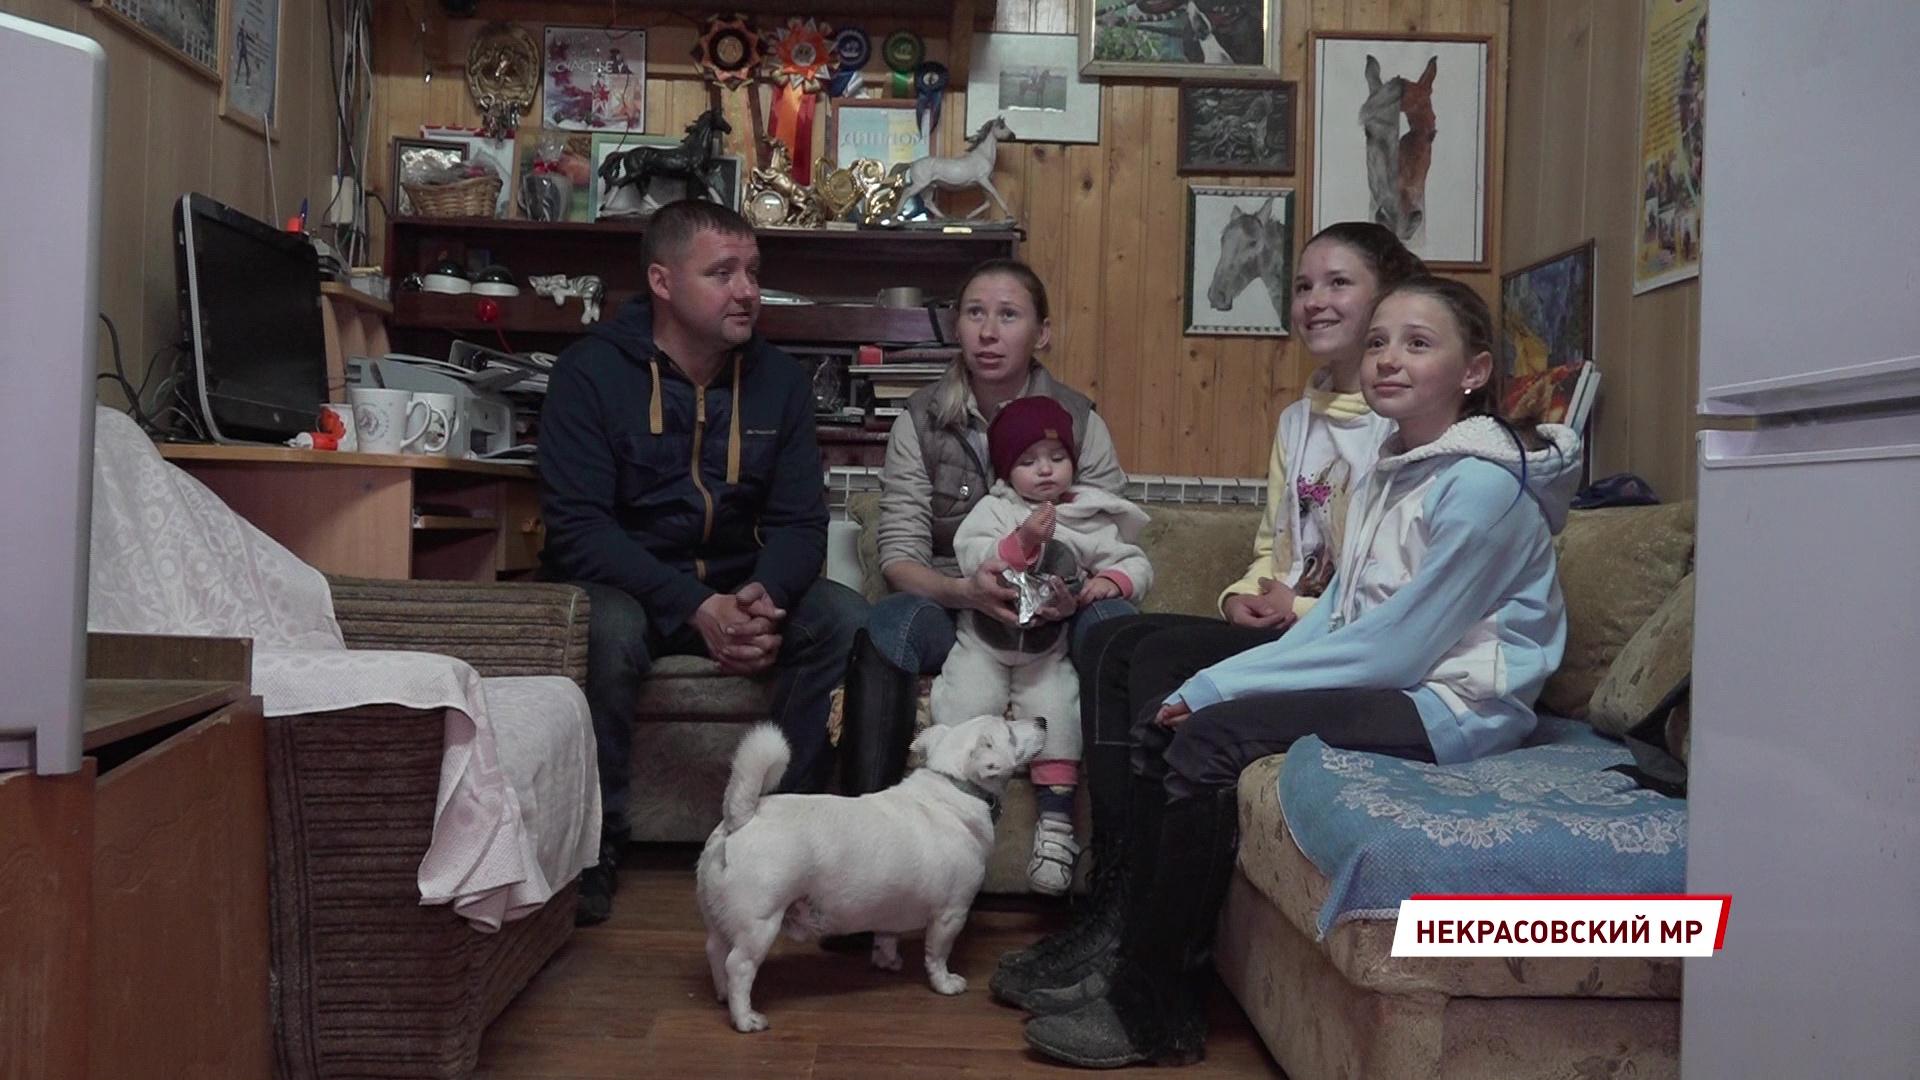 Семья Куликовых из Некрасовского района получила приз на региональном конкурсе «Семья года»